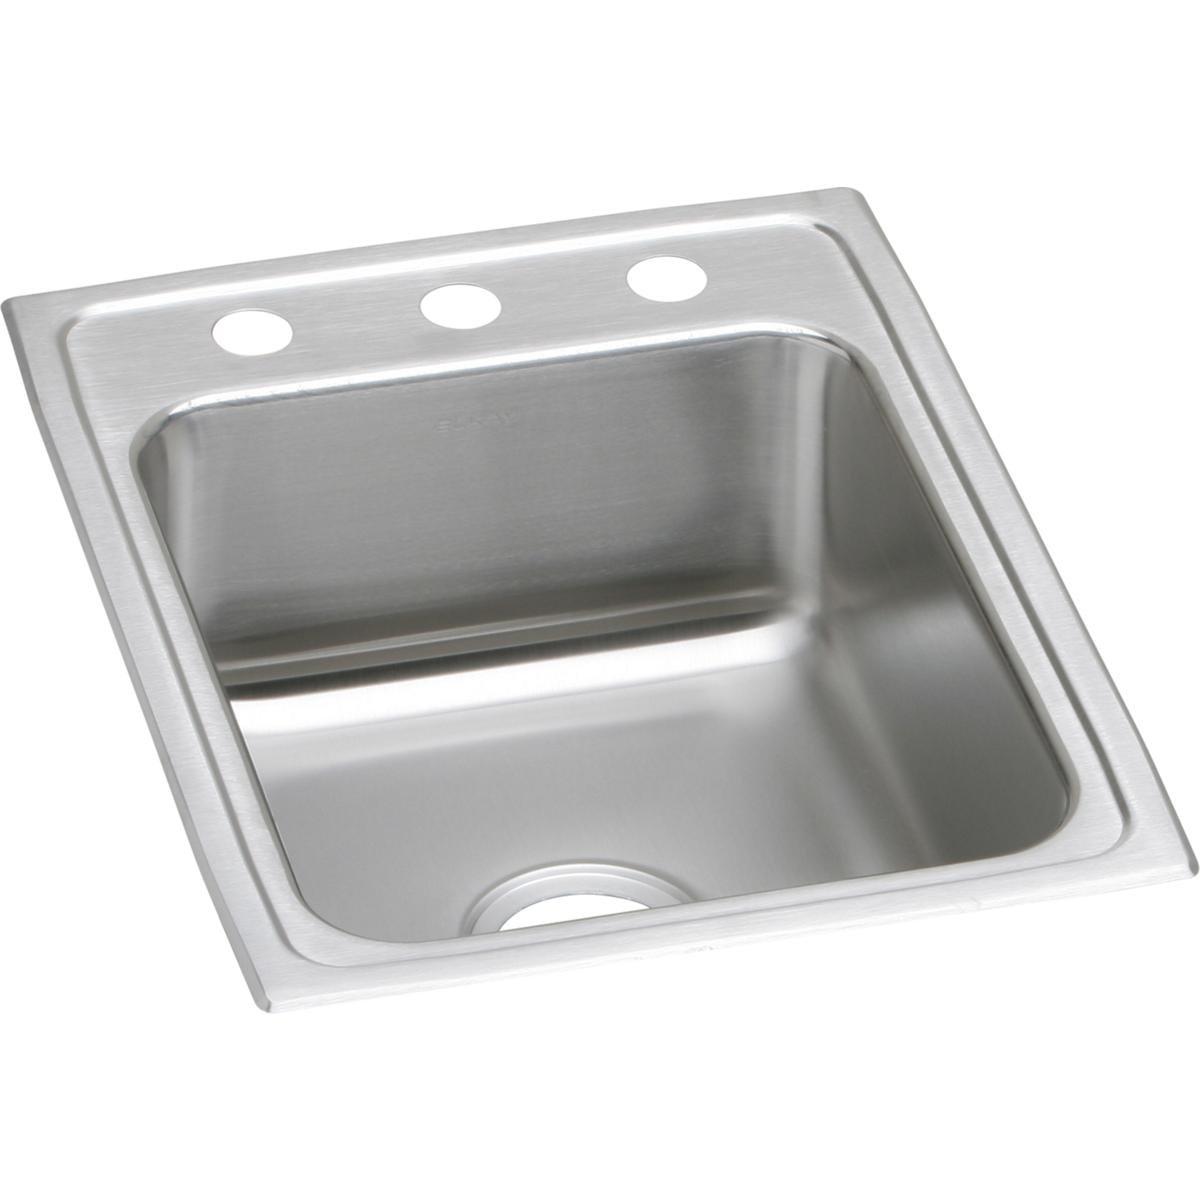 Elkay Lustertone LR17223 Single Bowl Top Mount Stainless Steel Sink